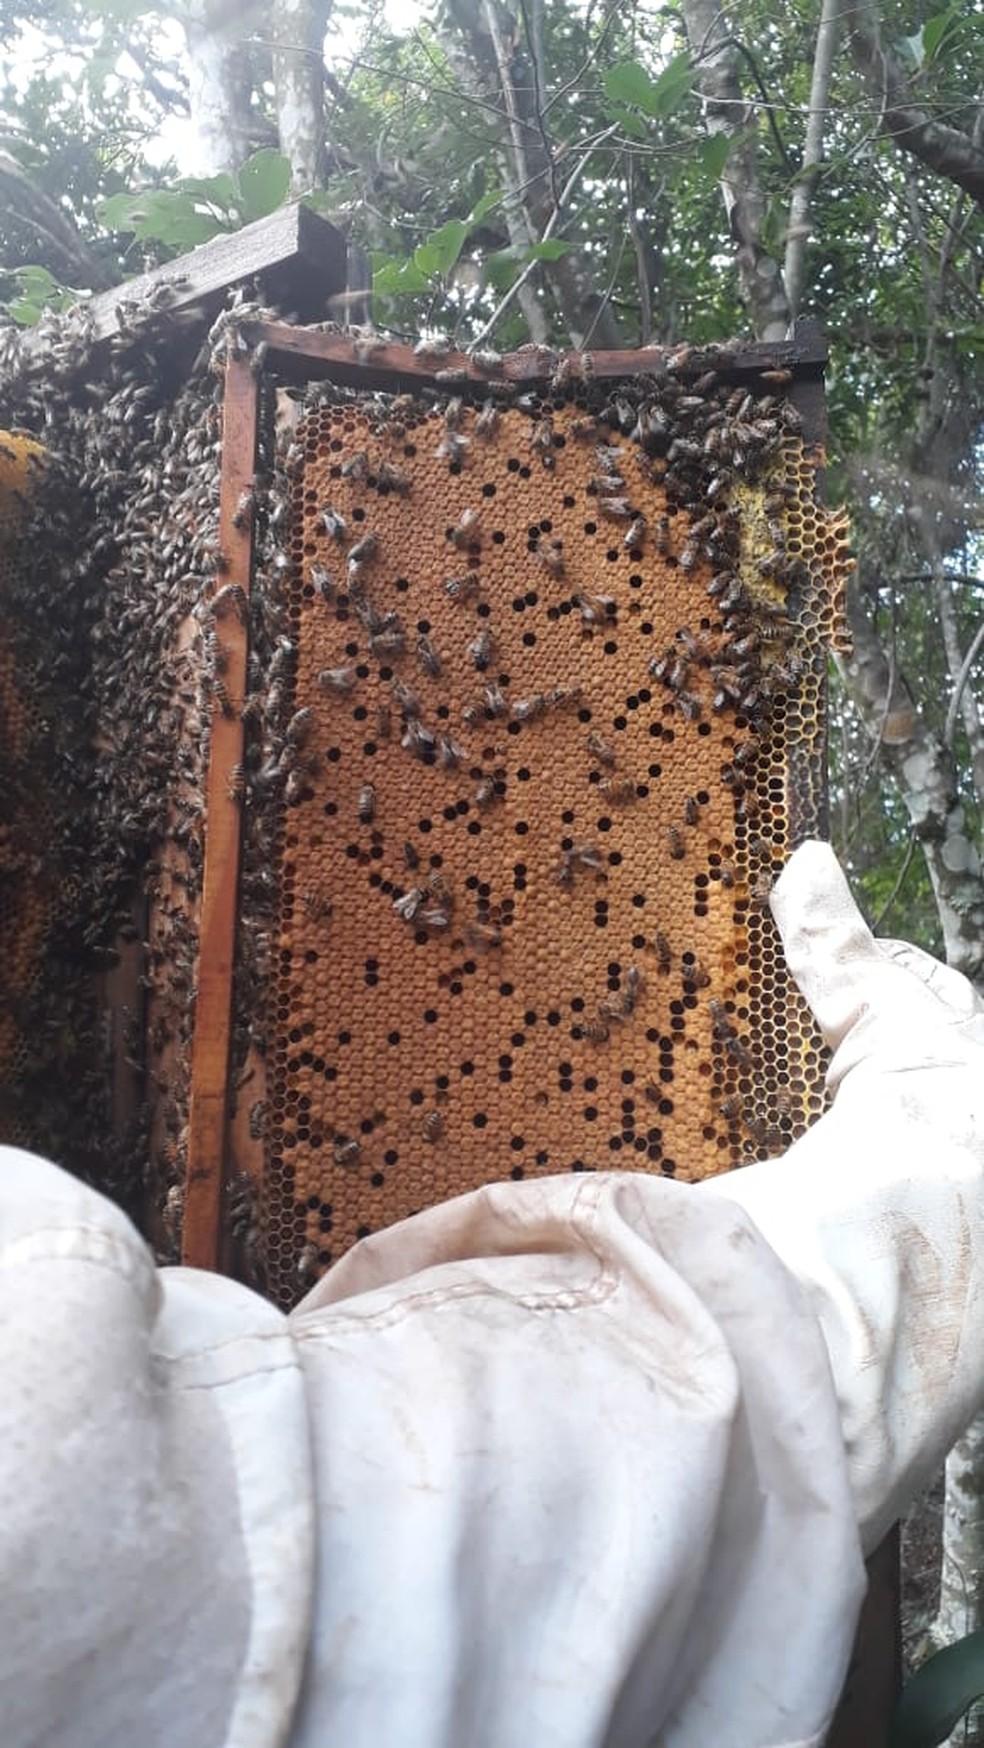 Apicultores registram aumento na produção de mel na pandemia — Foto: Cedida/Lucas Cremonezi